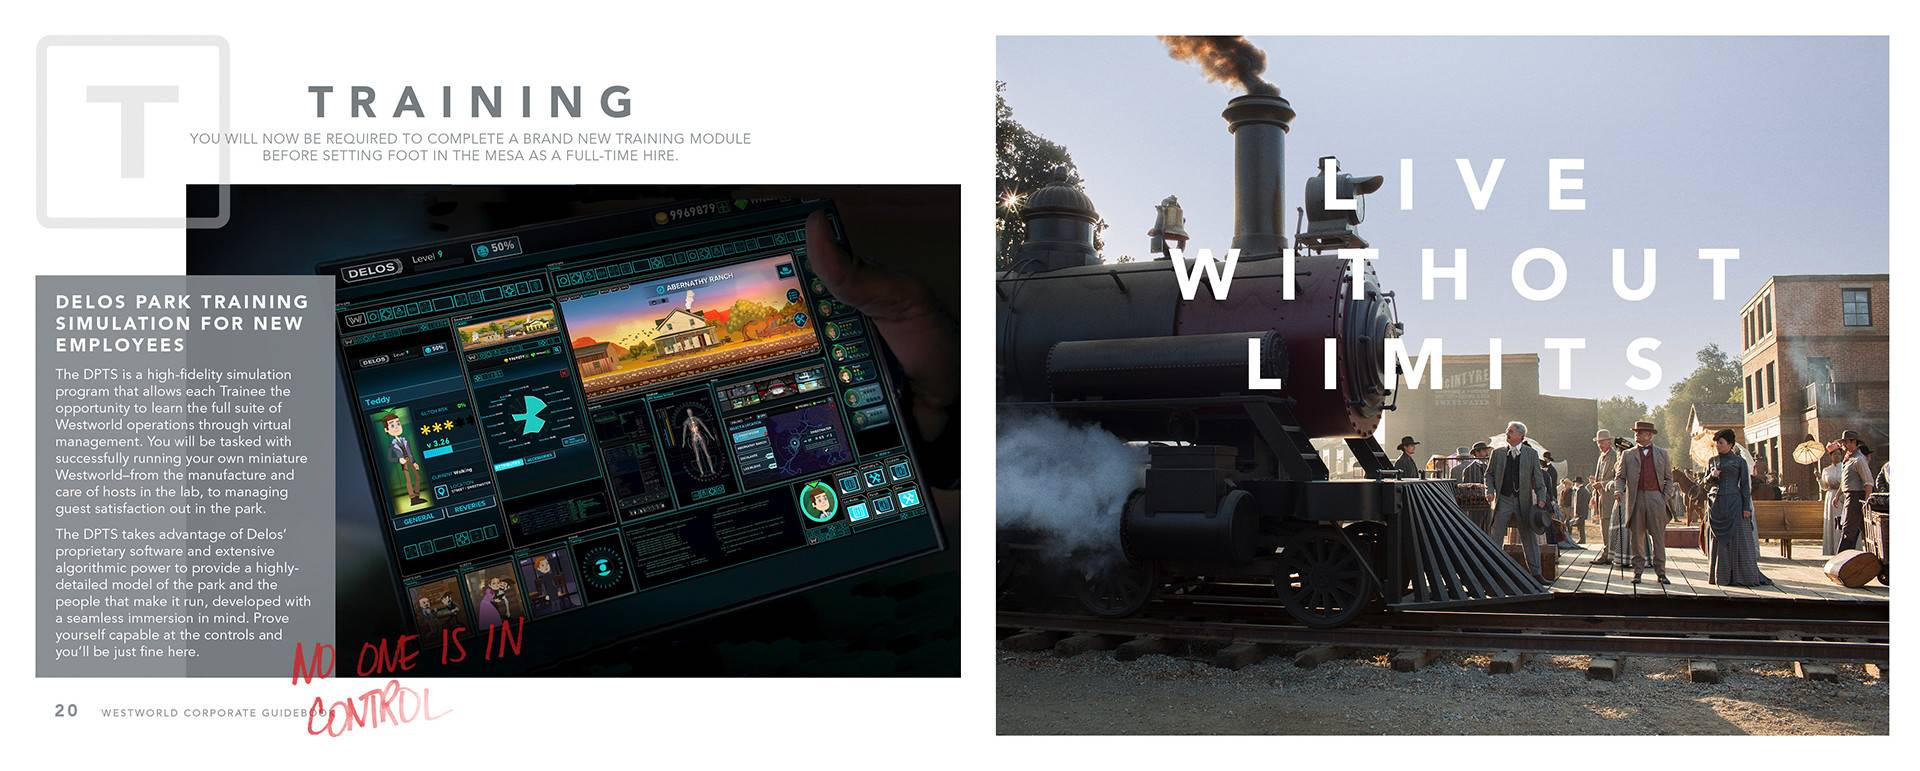 В трейлере «Мир Дикого Запада» нашли ссылку на сайт корпорации Delos